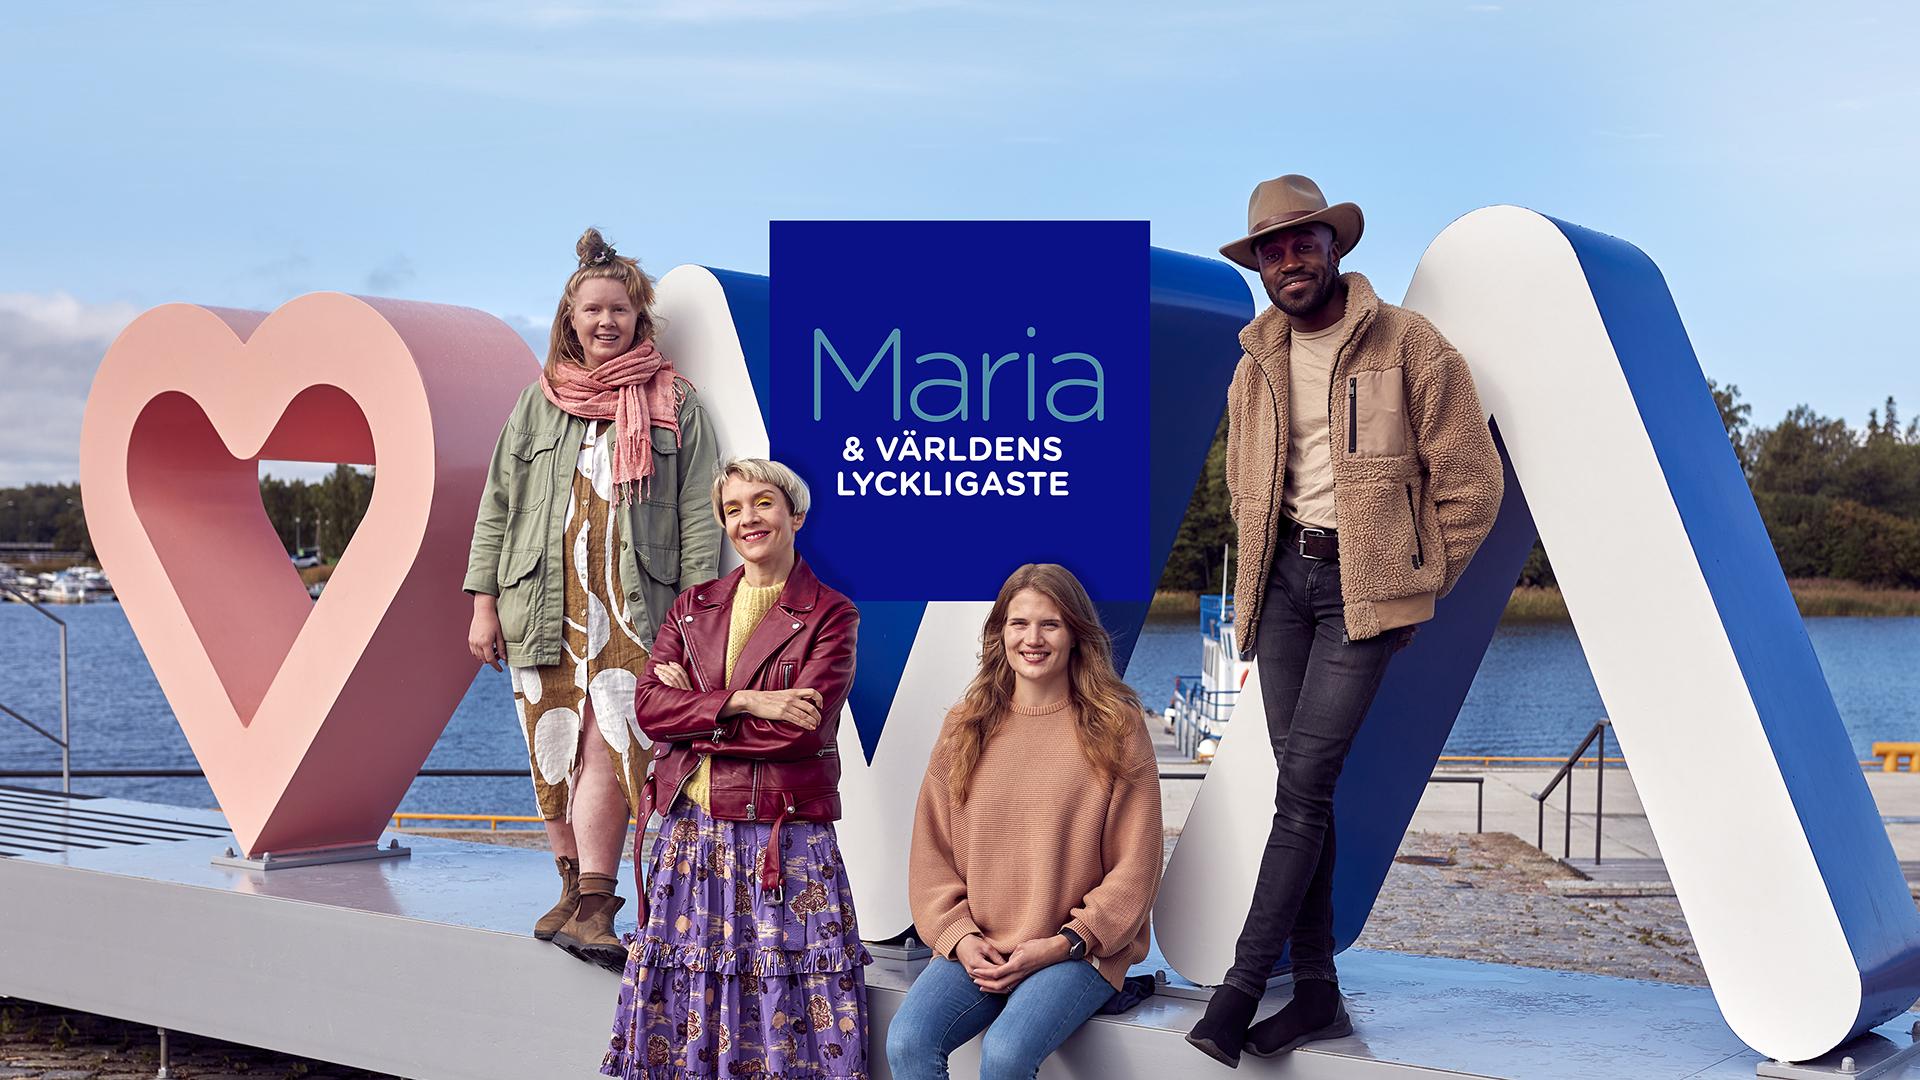 Varldens lyckligaste finalister och Maria Veitola